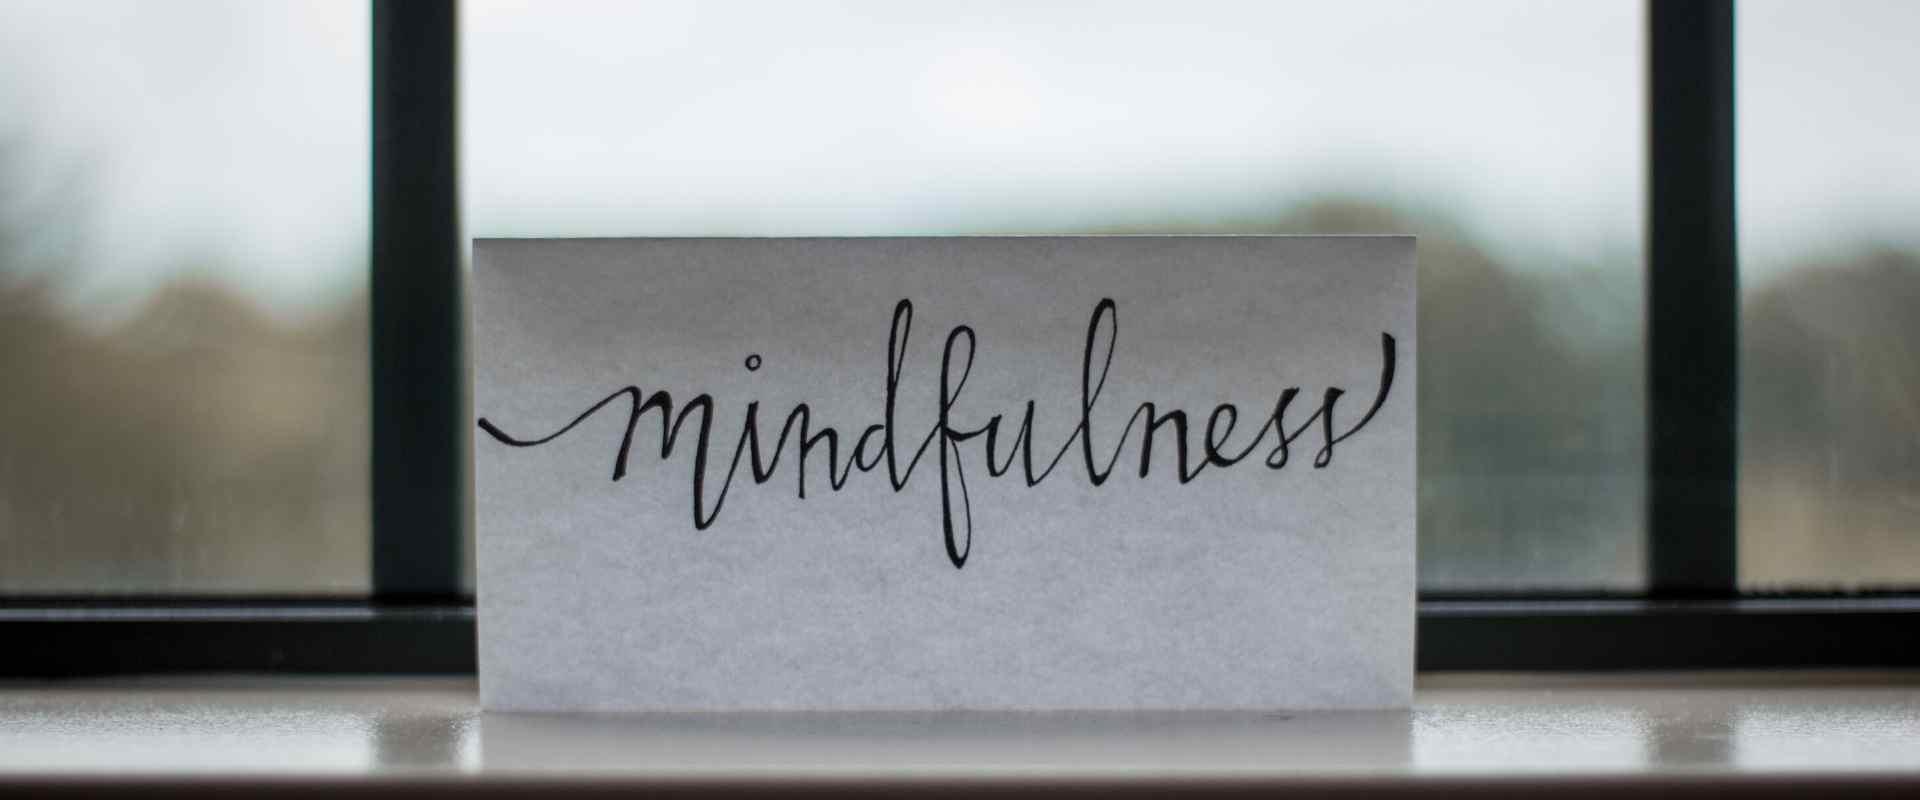 Objetivos de año nuevo con un enfoque mindfulness